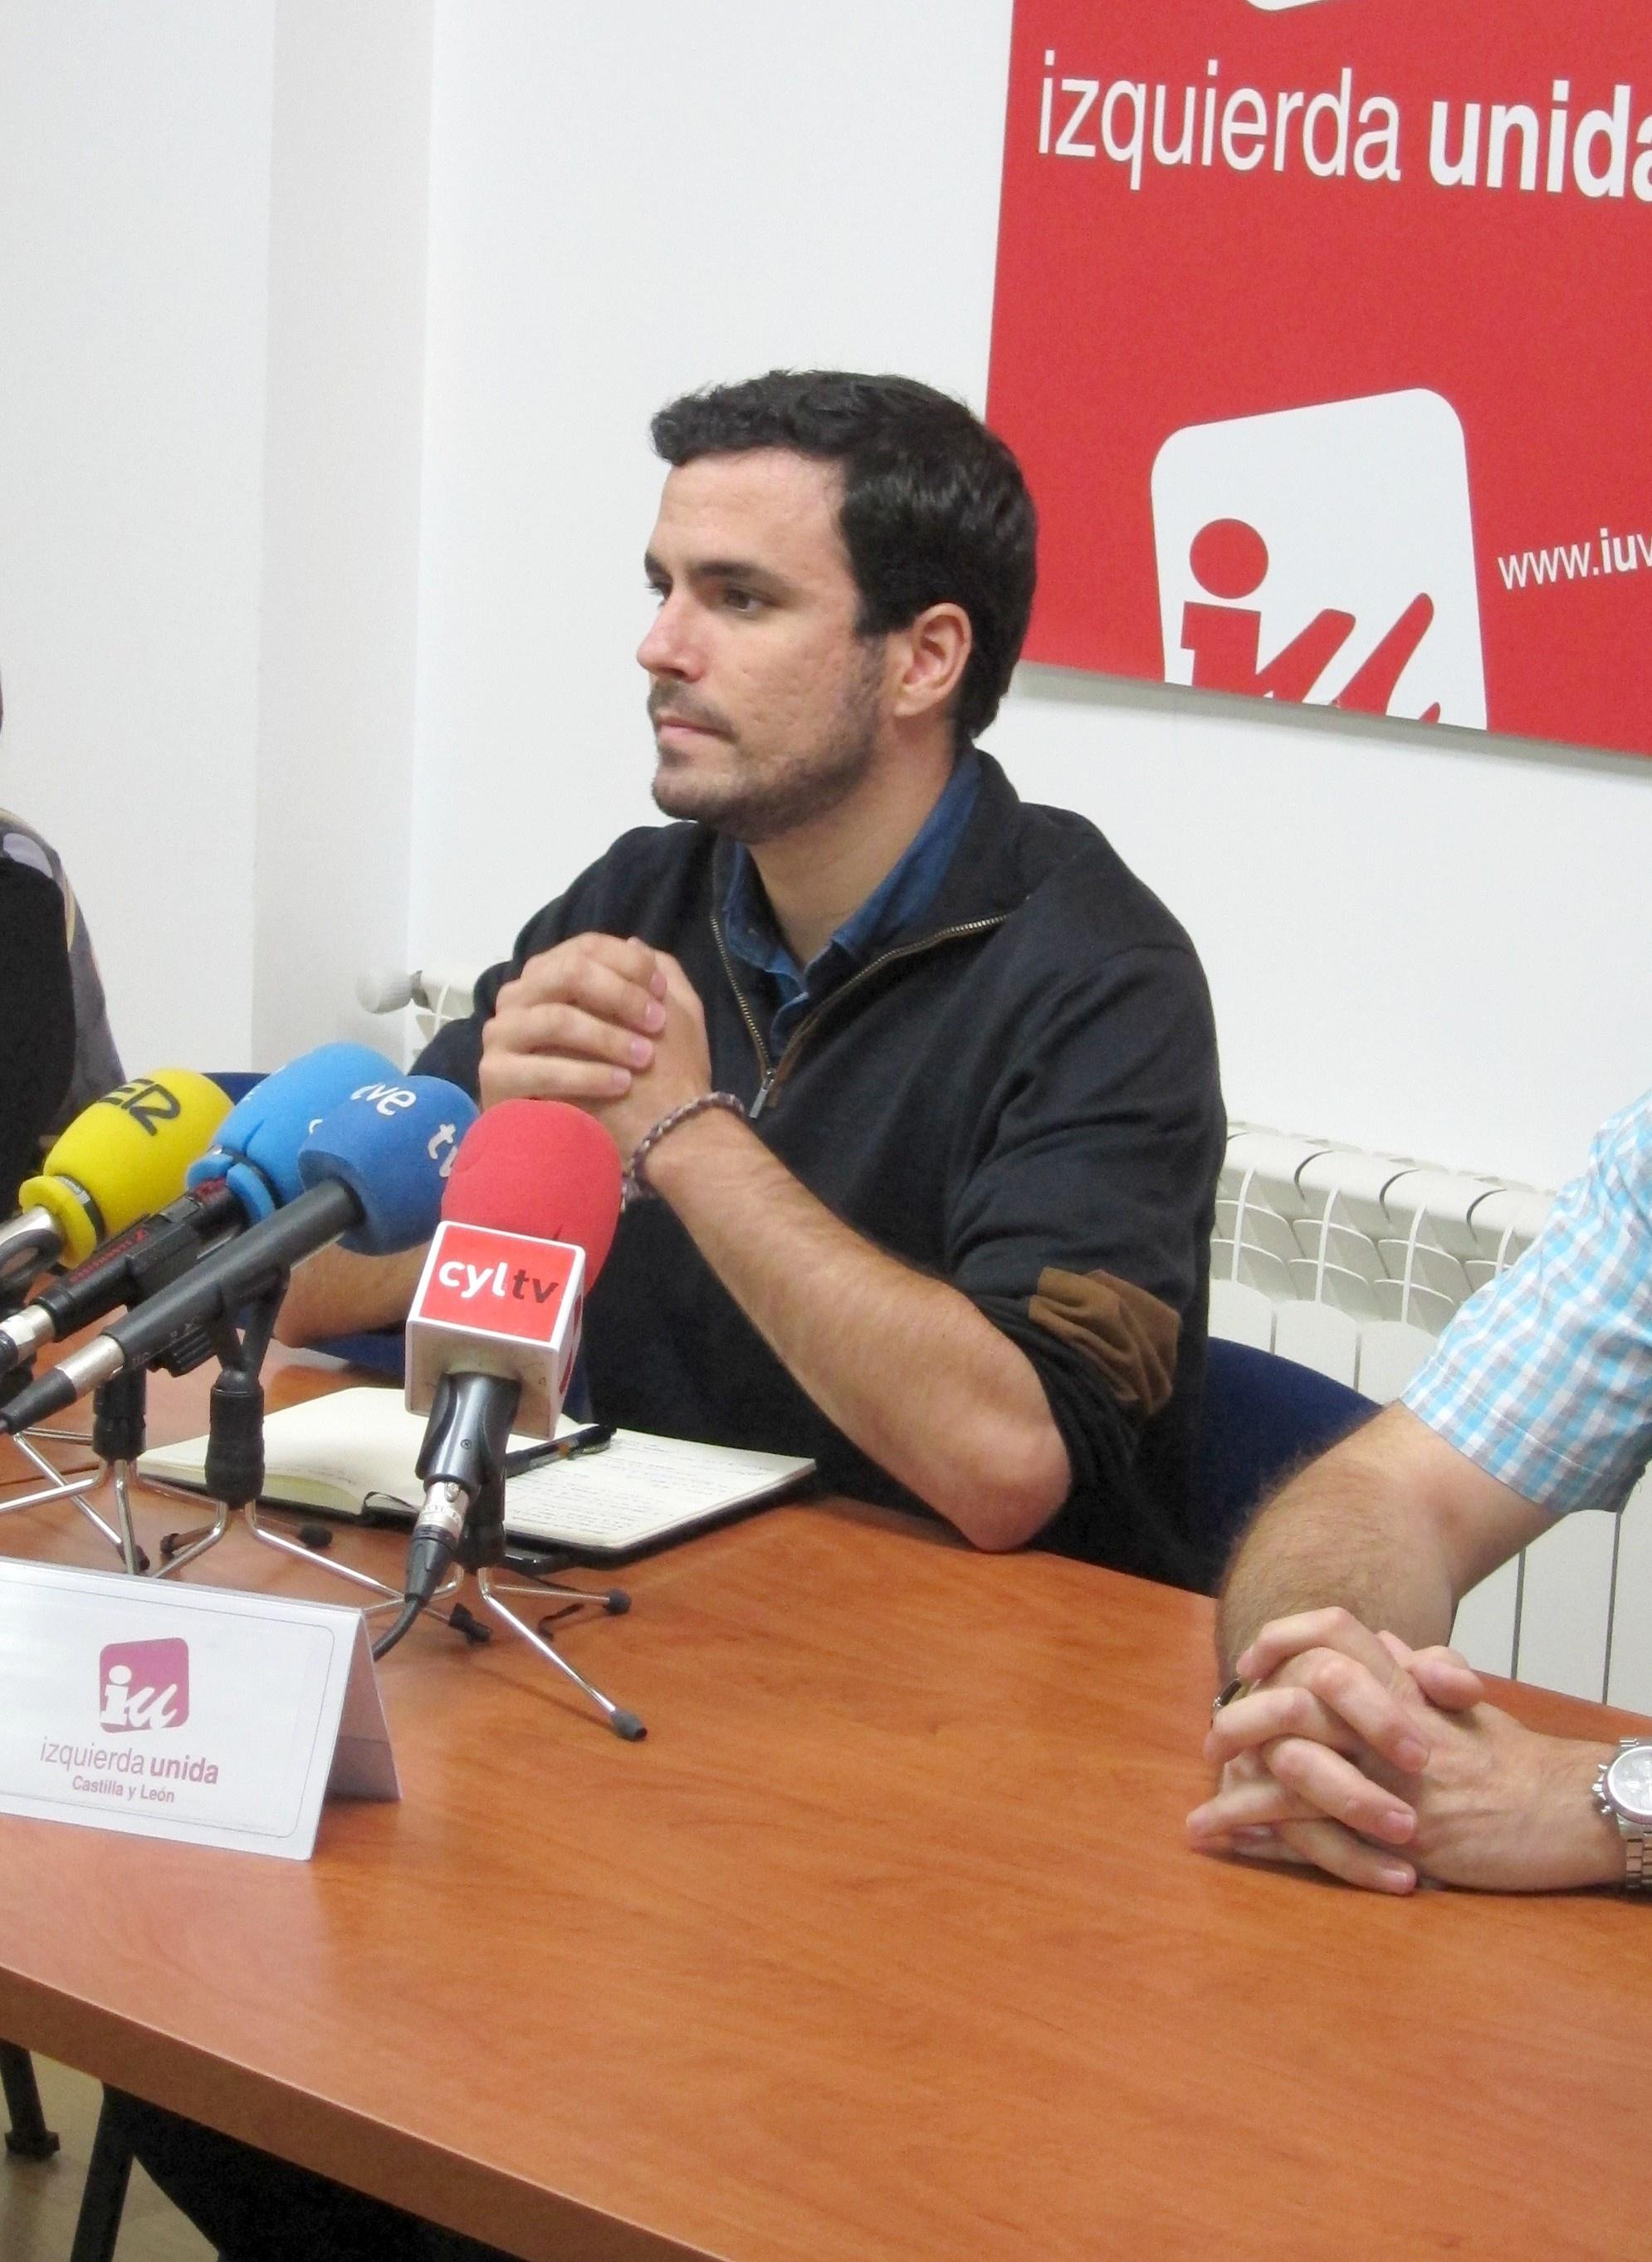 IU apuesta por imitar y ampliar el modelo de Izquierda Plural en los comicios europeos para «superar al PSOE»